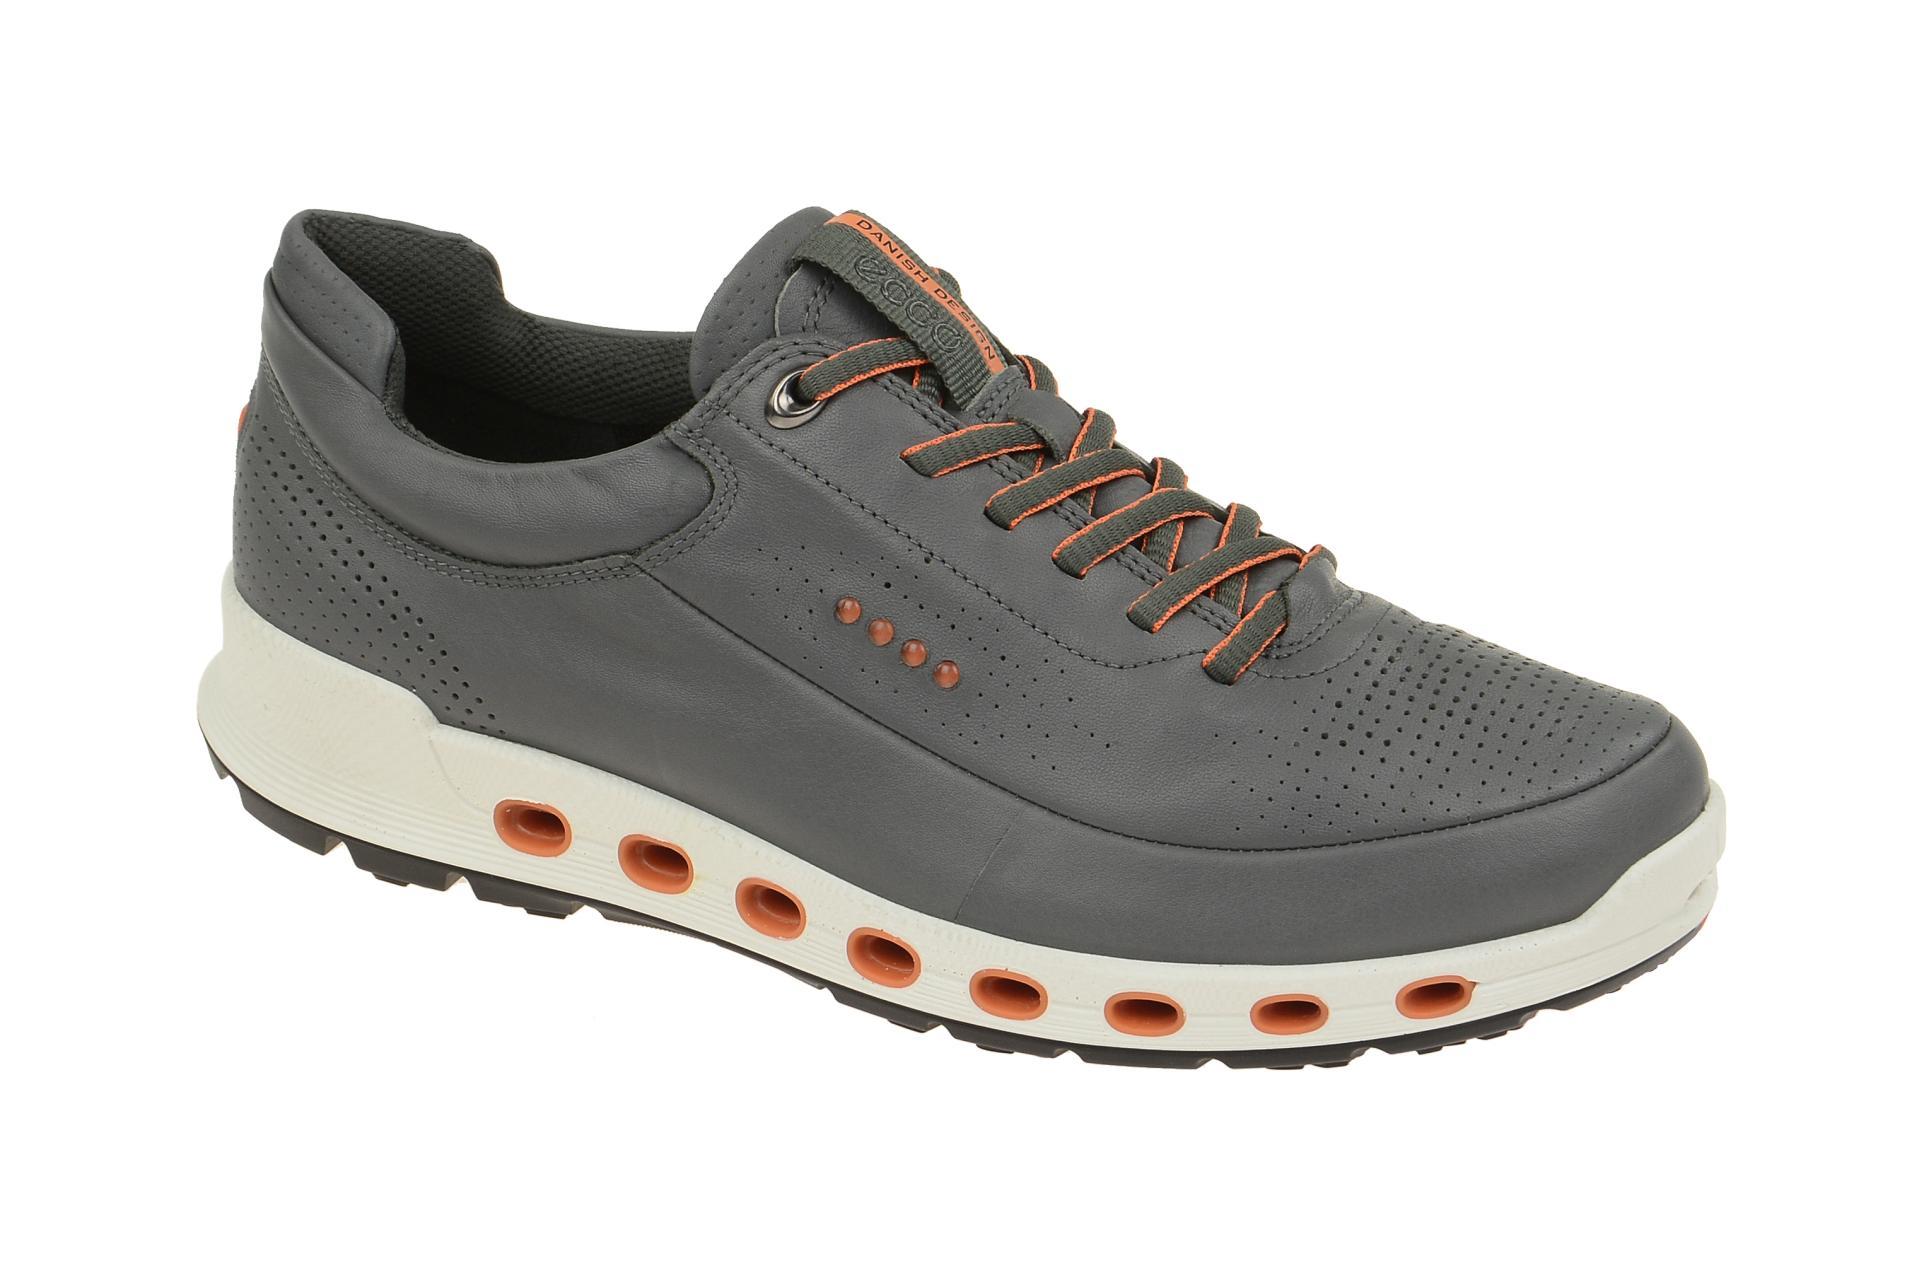 69fb06eb805862 ecco Cool 2.0 Schuhe grau 84251401602 - Schuhhaus Strauch Shop